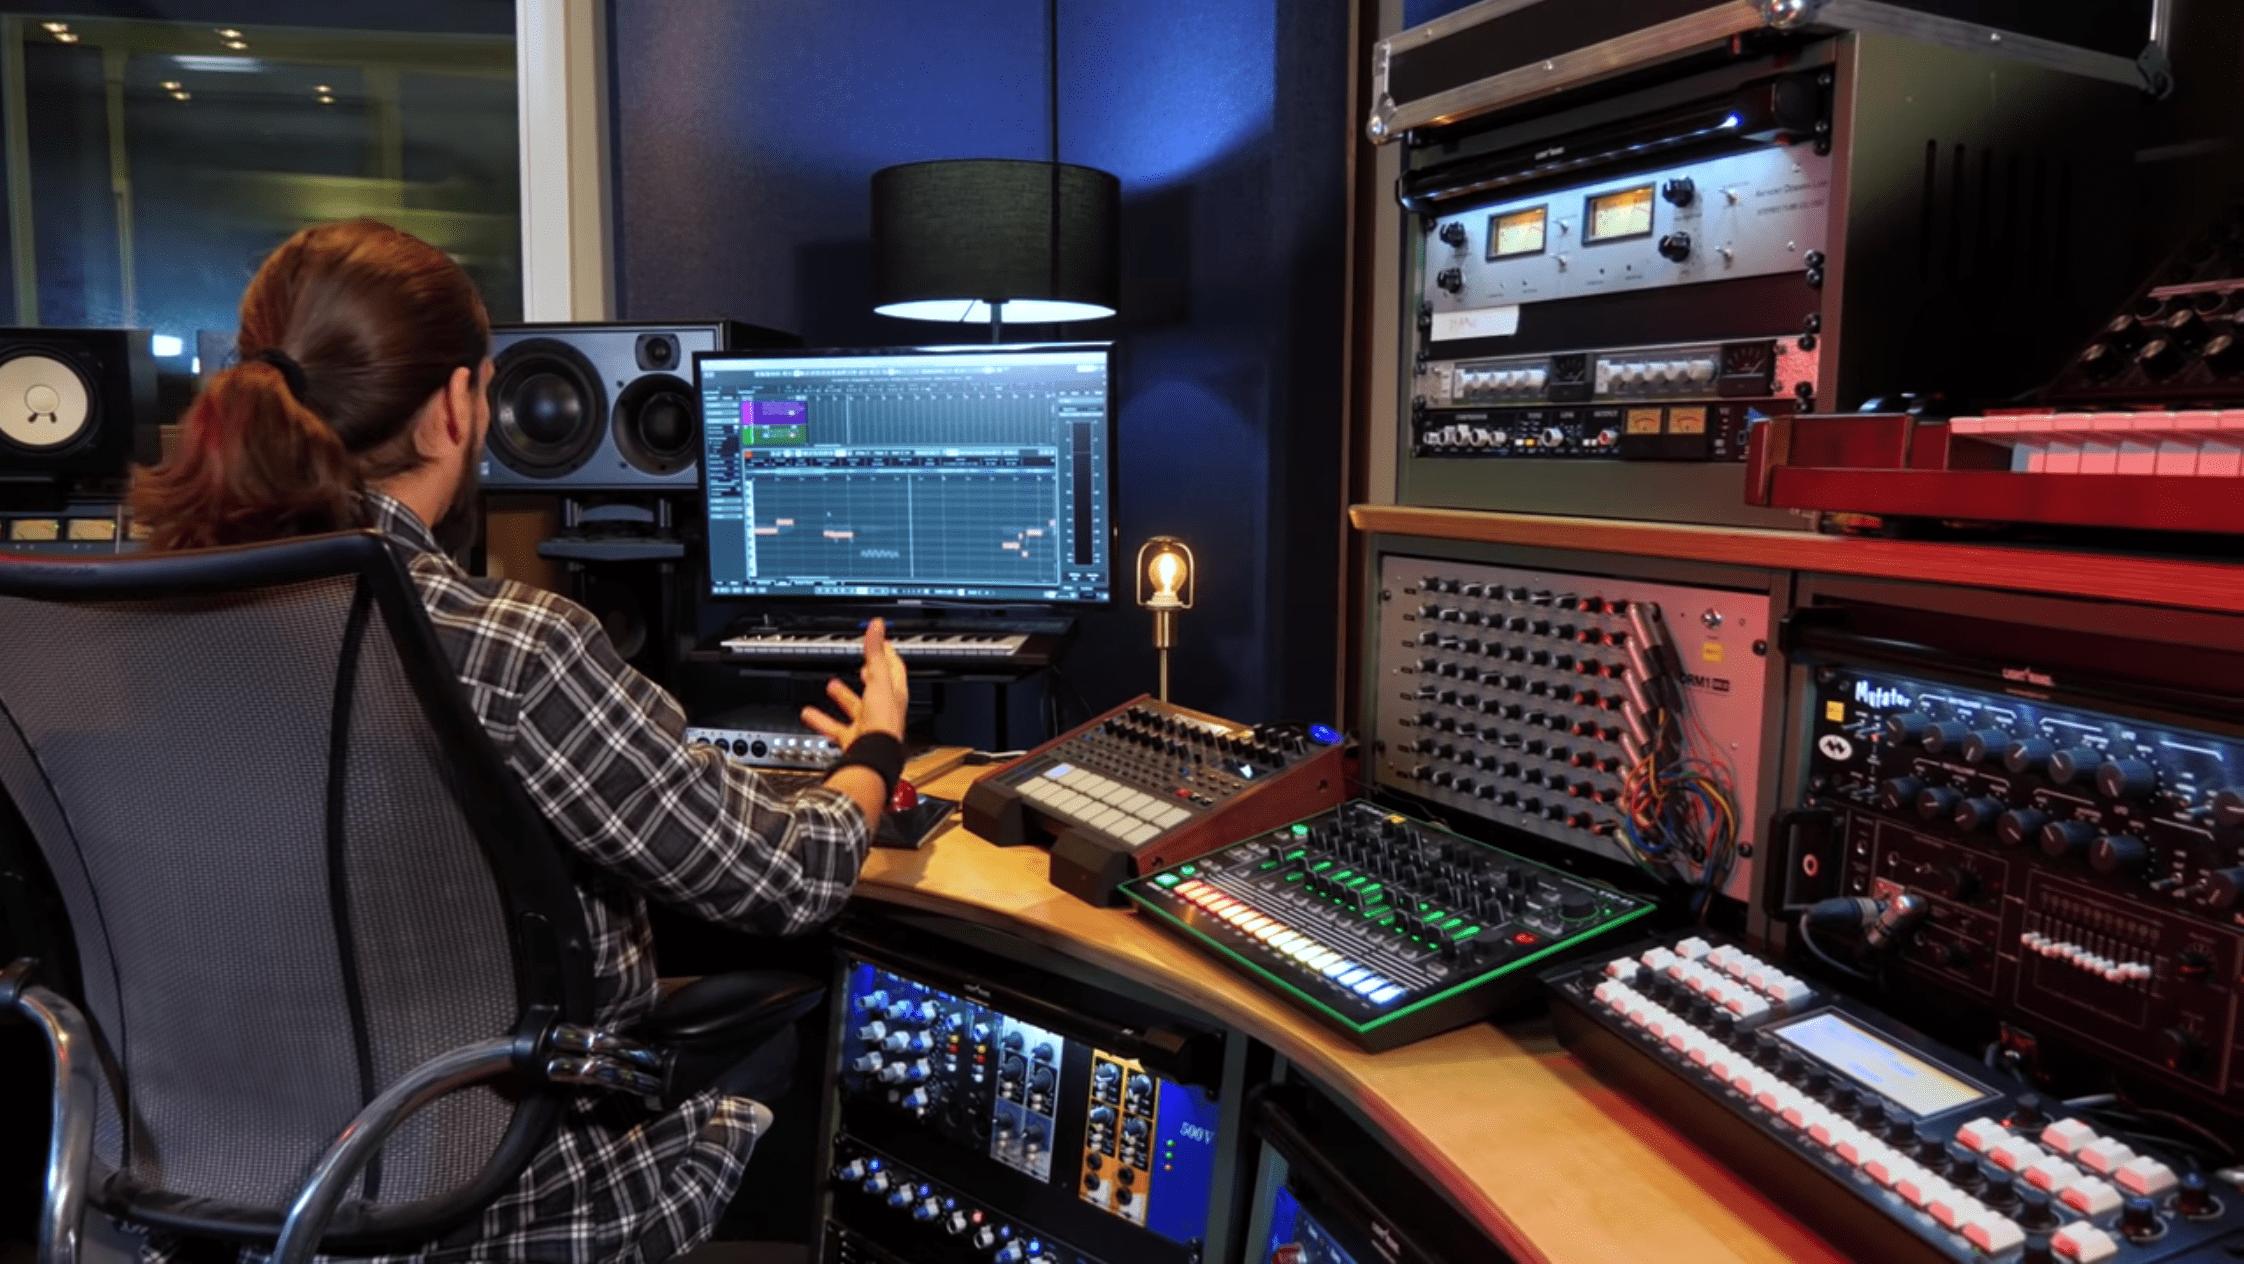 Productor usando Cubase Pro 10 en estudio de sonido